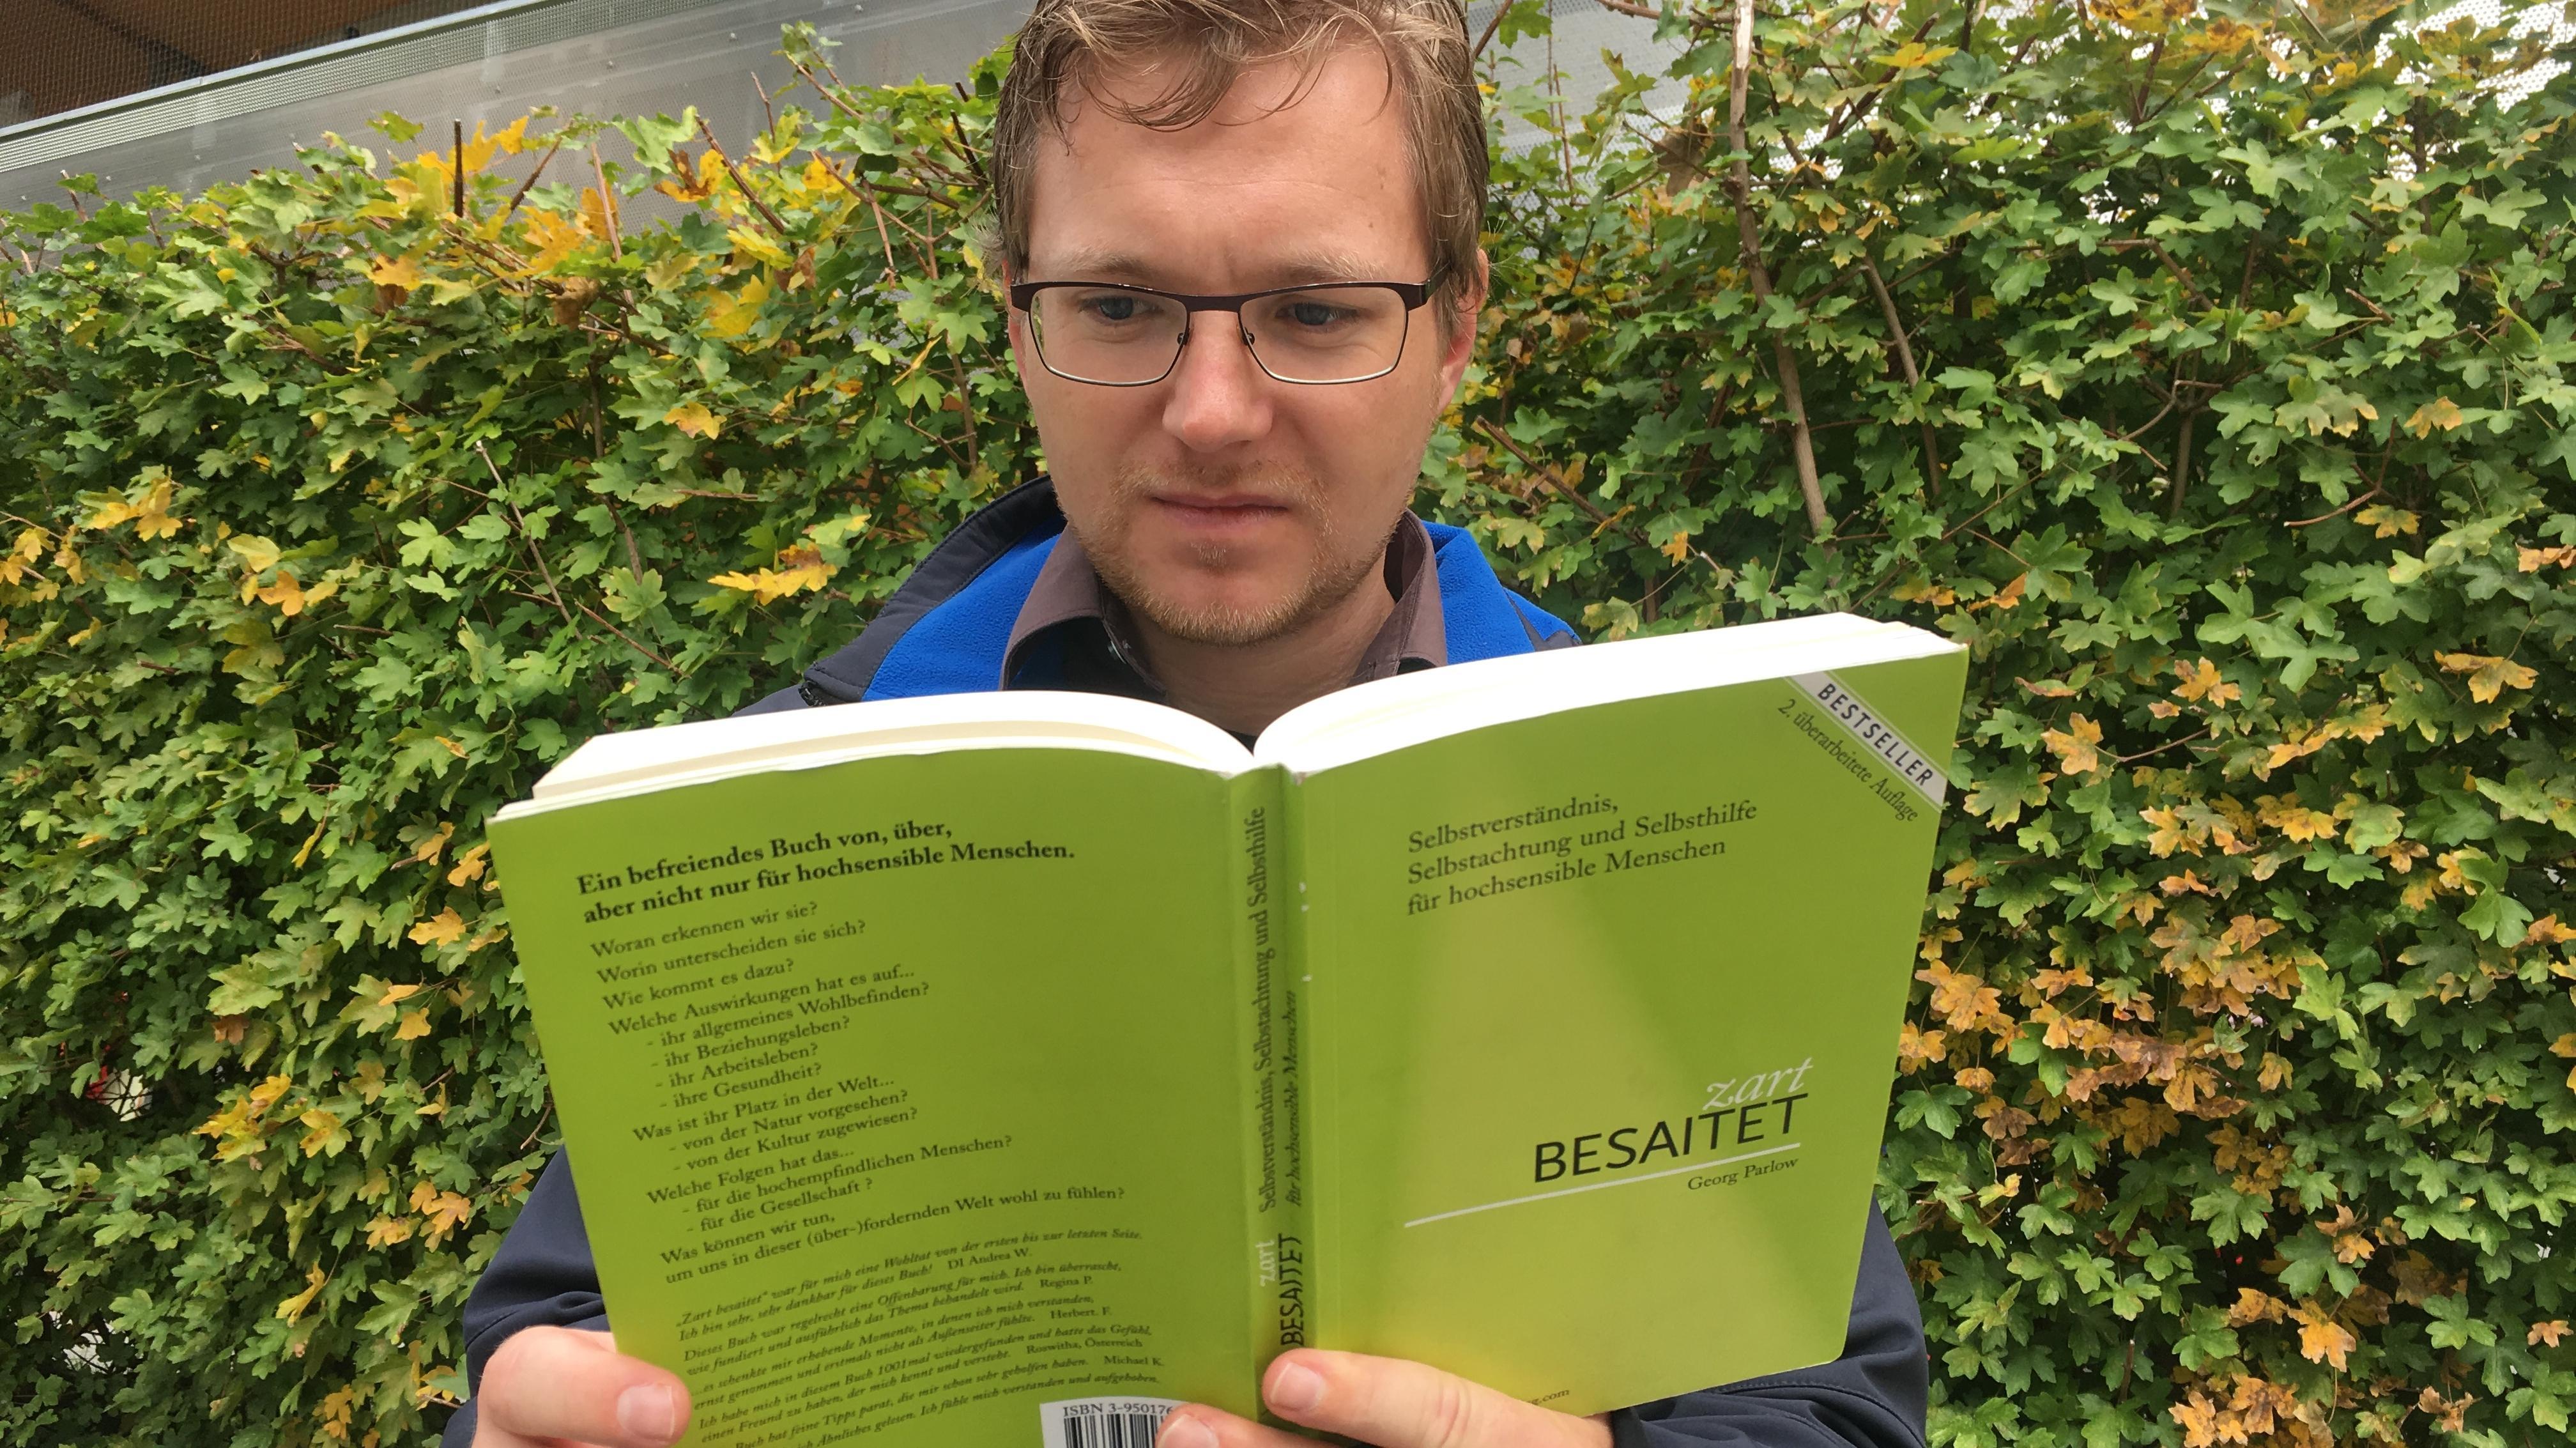 """Mann liest das grün eingebundene Buch """"zart beseitet"""""""